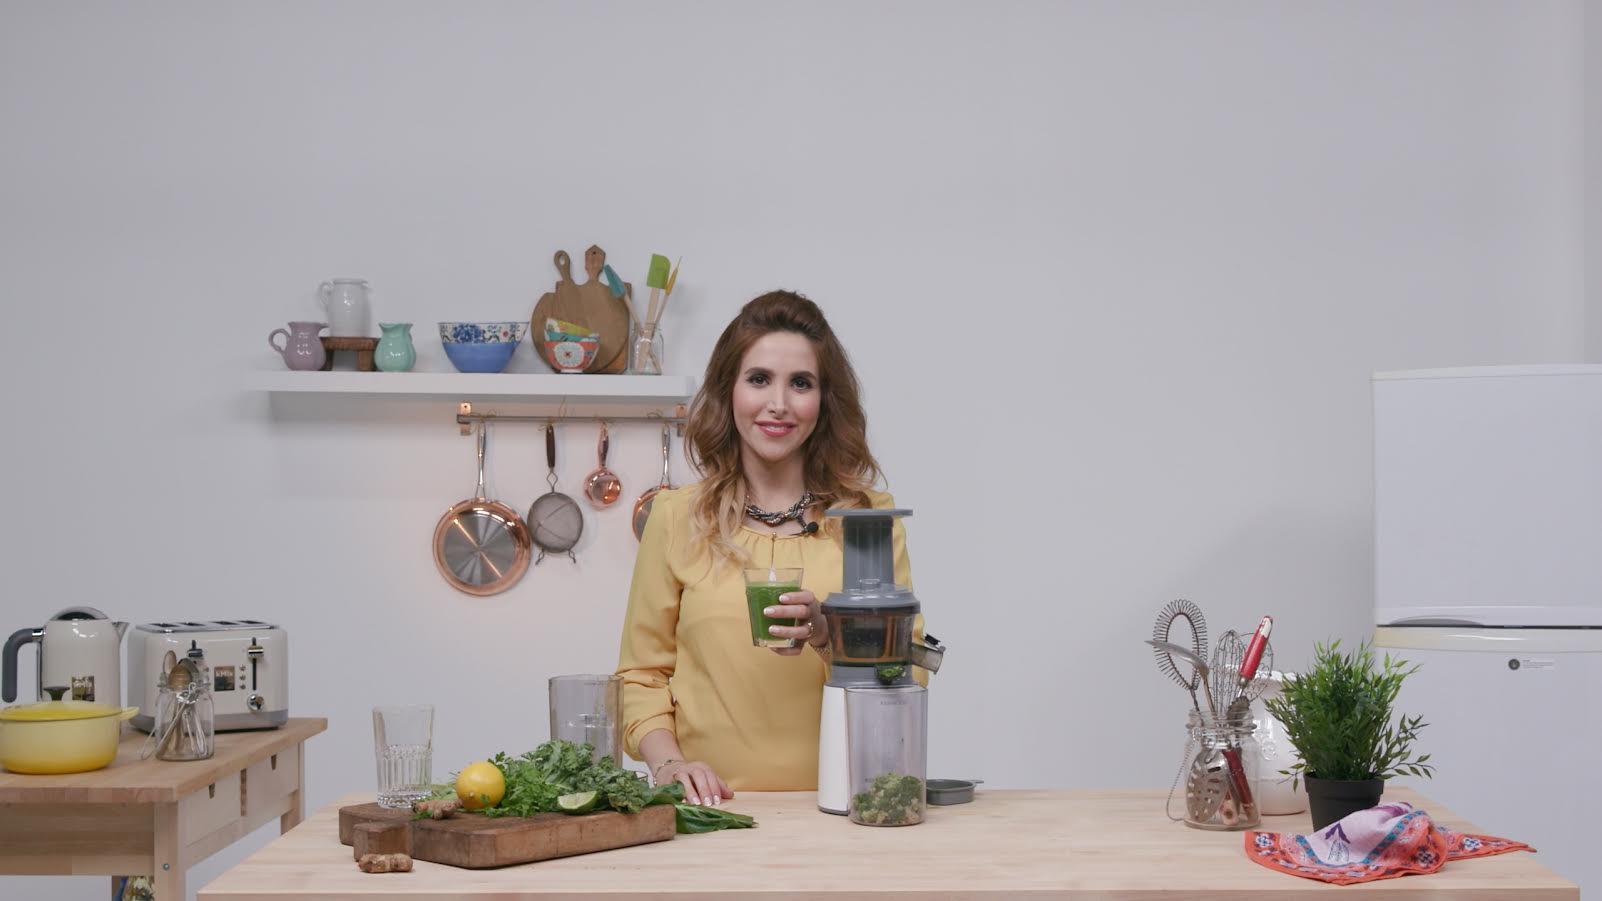 كنوود (KENWOOD) تعرض منتجاتها لشهر رمضان القادم